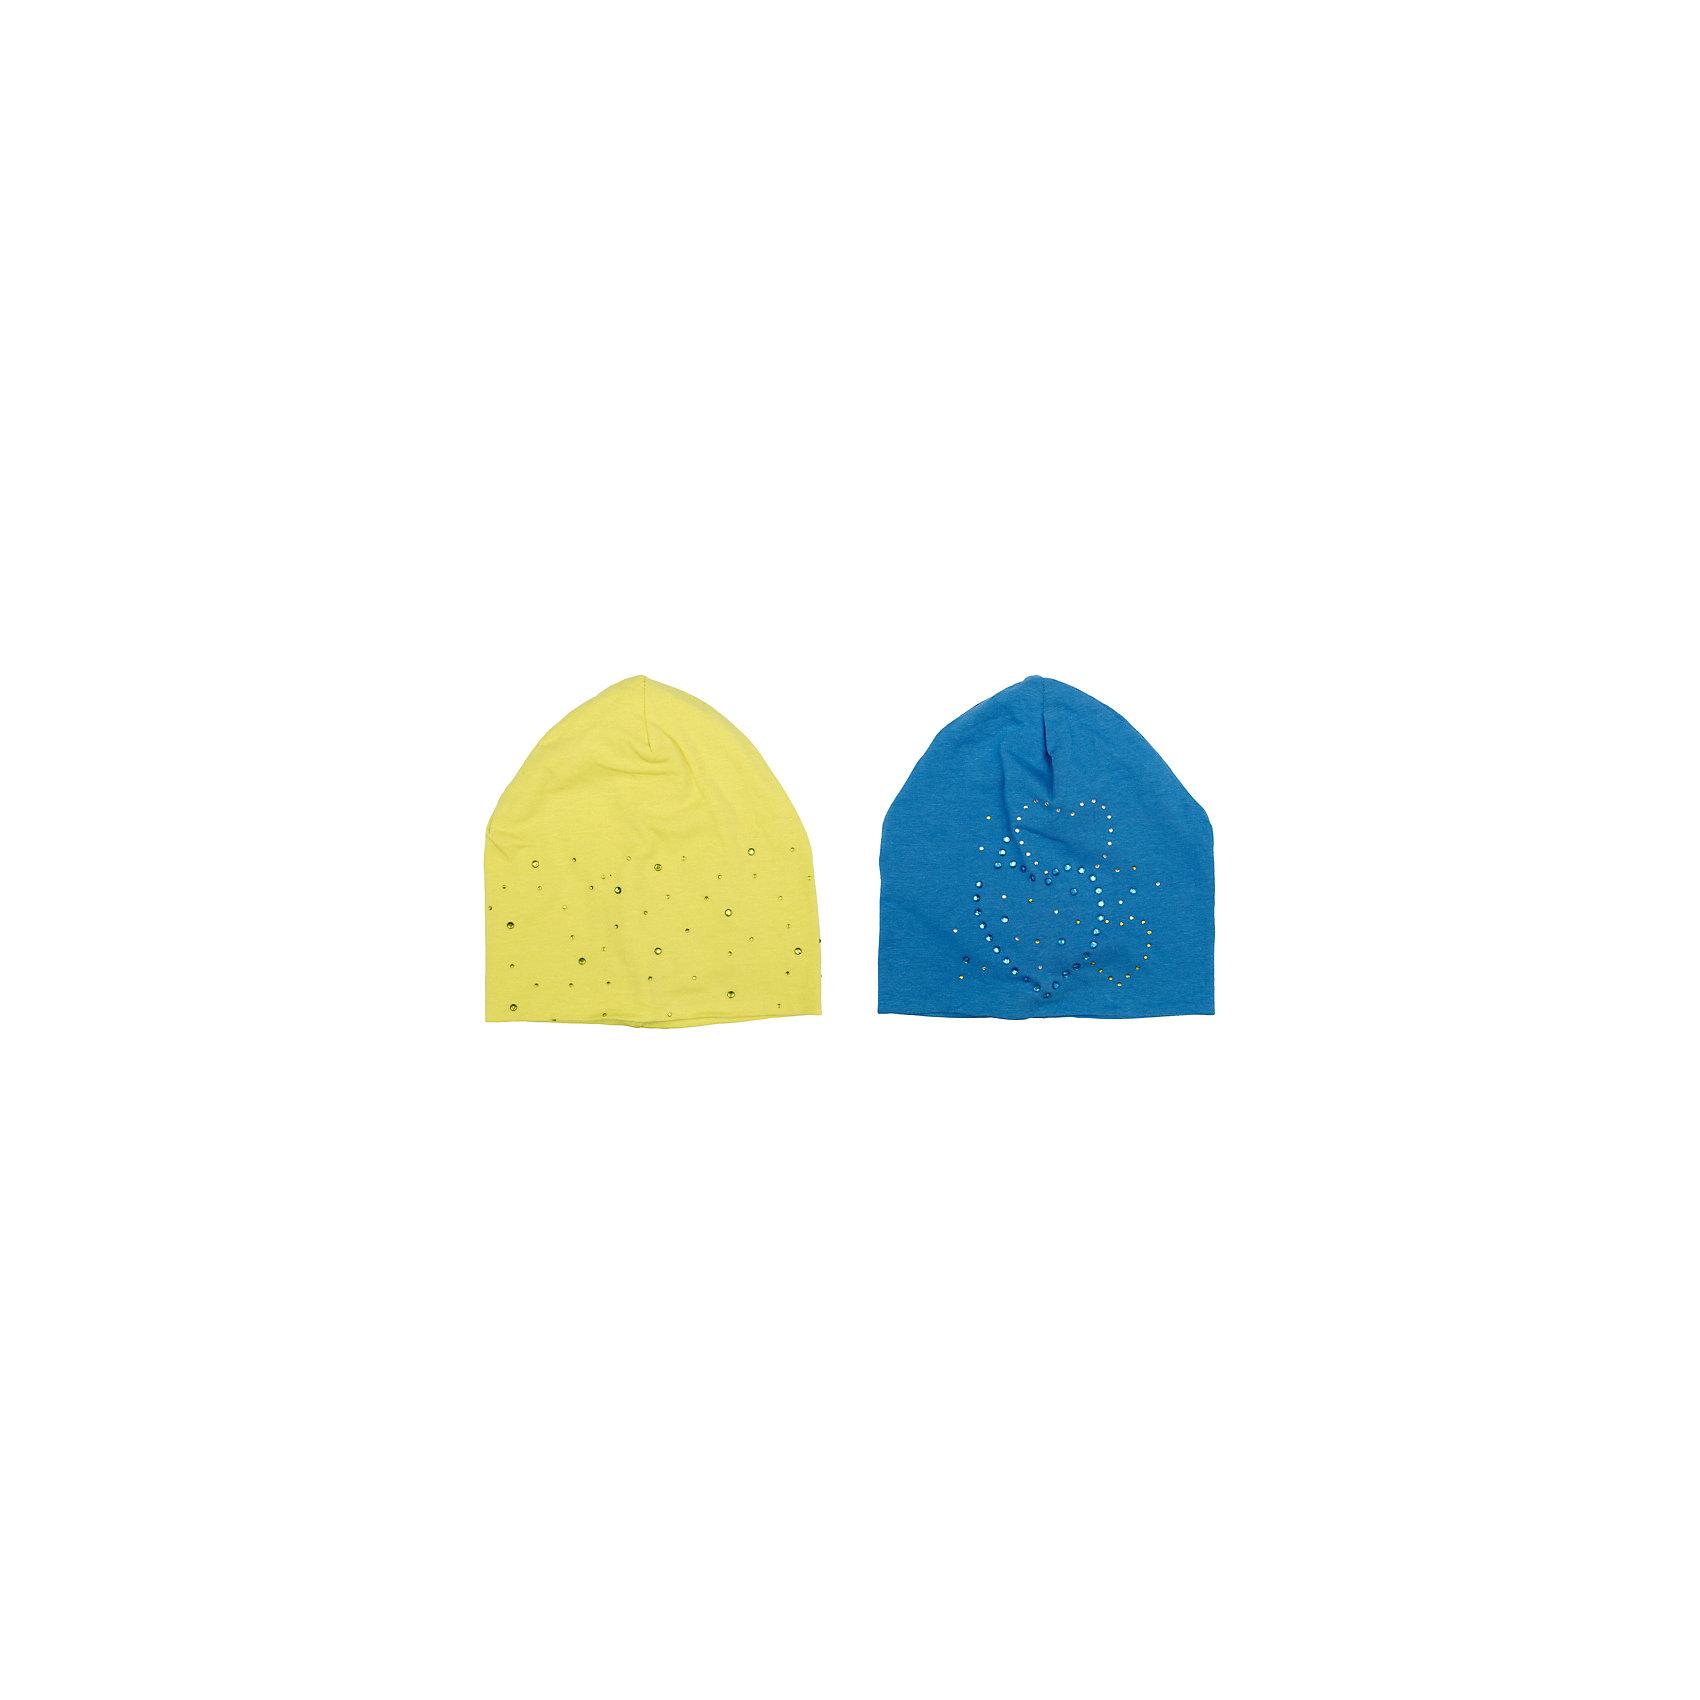 Шапка для девочки PlayTodayШапка для девочки PlayToday<br>Комплект шапок из трикотажа подойдет Вашему ребенку для прогулок в прохладную погоду. Шапка без завязок, плотно прилегает к голове, комфортна при носке.  <br><br>Преимущества: <br><br>Мягкий трикотаж<br>Плотно прилегают к голове<br>Комфортна при носке<br><br>Состав:<br>95% хлопок, 5% эластан<br><br>Ширина мм: 89<br>Глубина мм: 117<br>Высота мм: 44<br>Вес г: 155<br>Цвет: разноцветный<br>Возраст от месяцев: 72<br>Возраст до месяцев: 84<br>Пол: Женский<br>Возраст: Детский<br>Размер: 52,54,50<br>SKU: 5404357